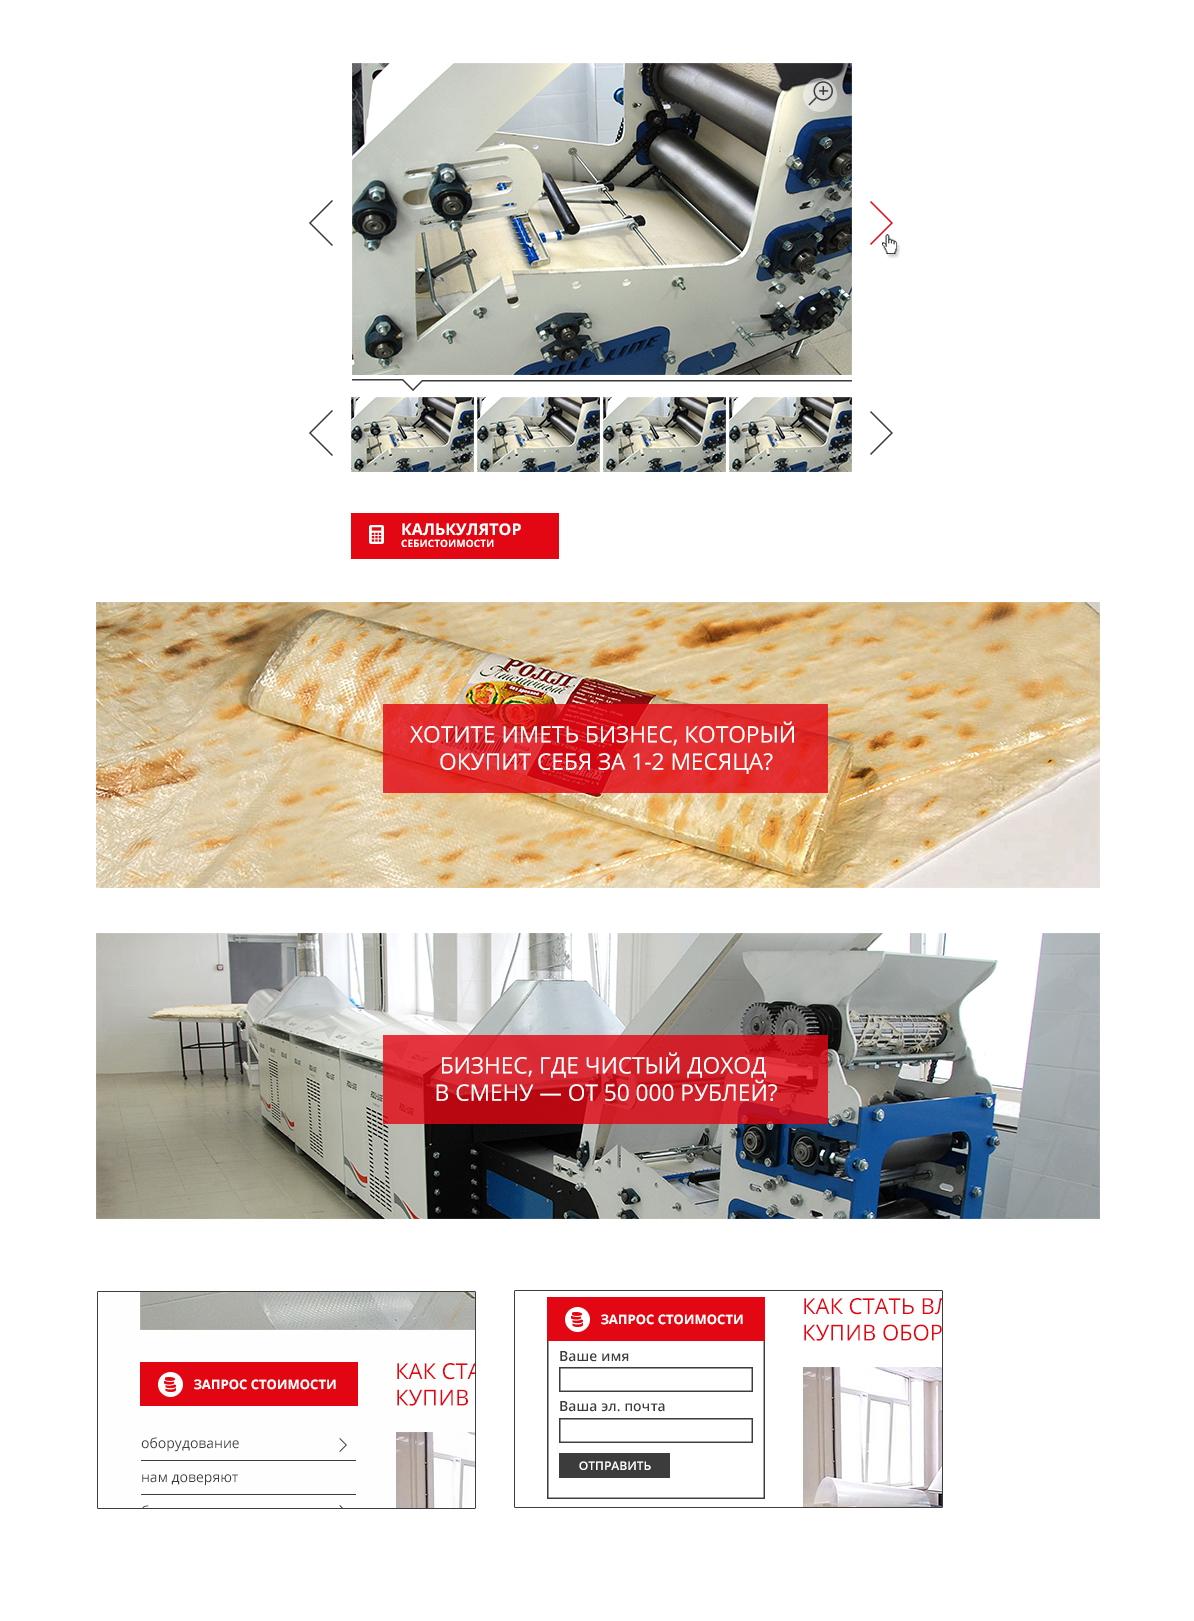 Редизайн сайта, оборудования для производства лаваша и ролла, roll-line.ru, рестайлинг